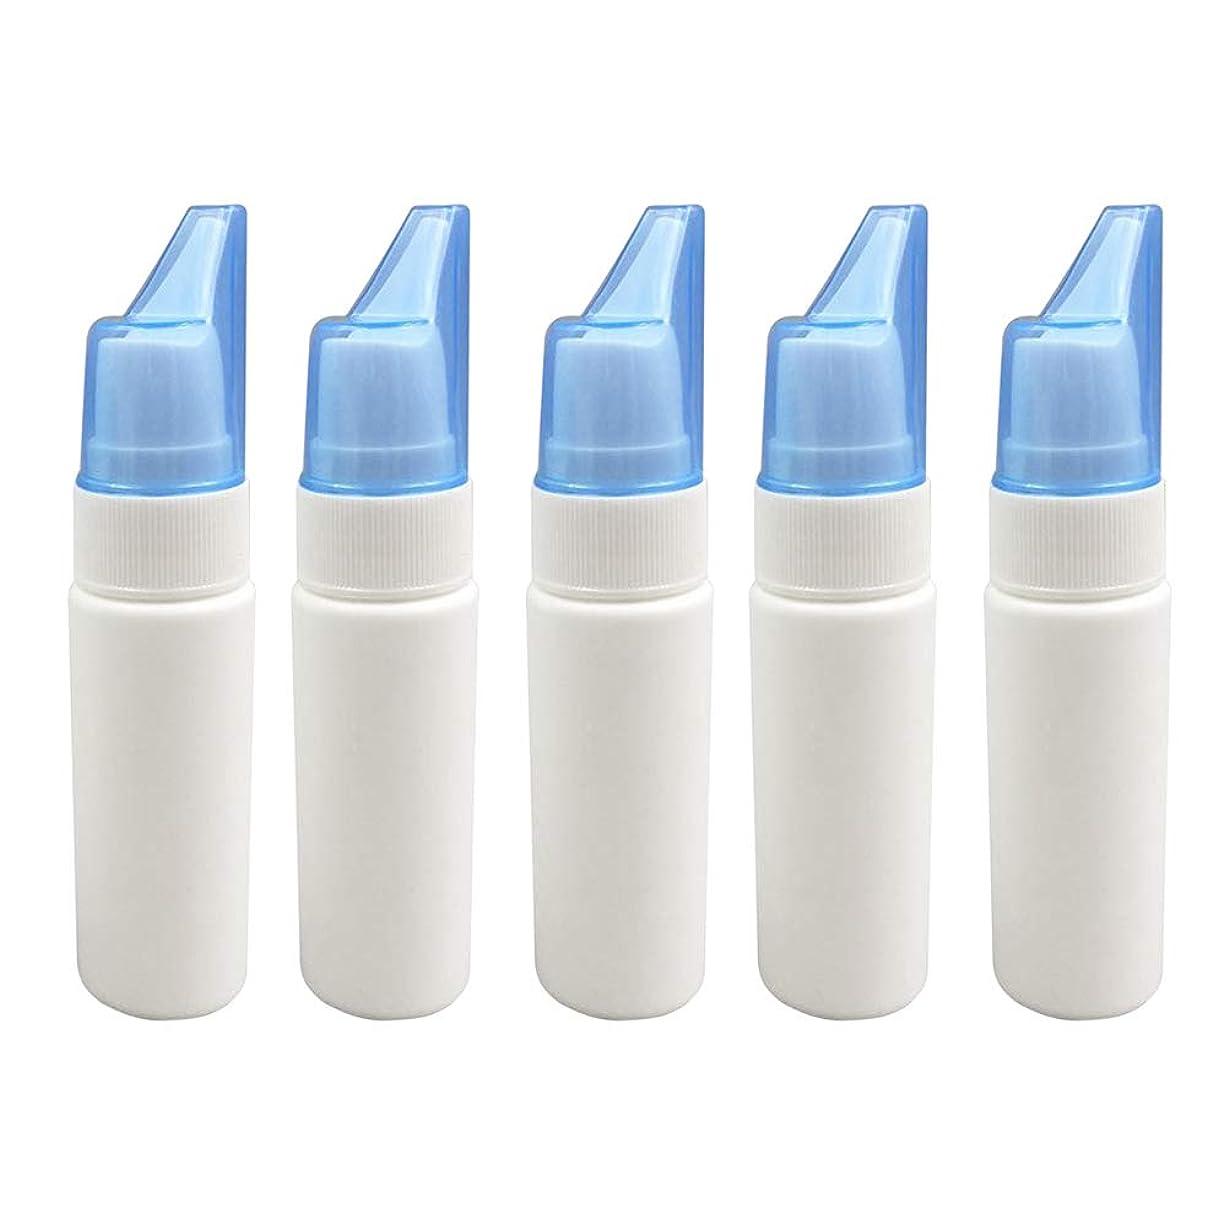 サージ砂のサポートHealifty 5本70ミリリットルポータブル鼻スプレーボトルプラスチック詰め替えファインミストスプレーボトル